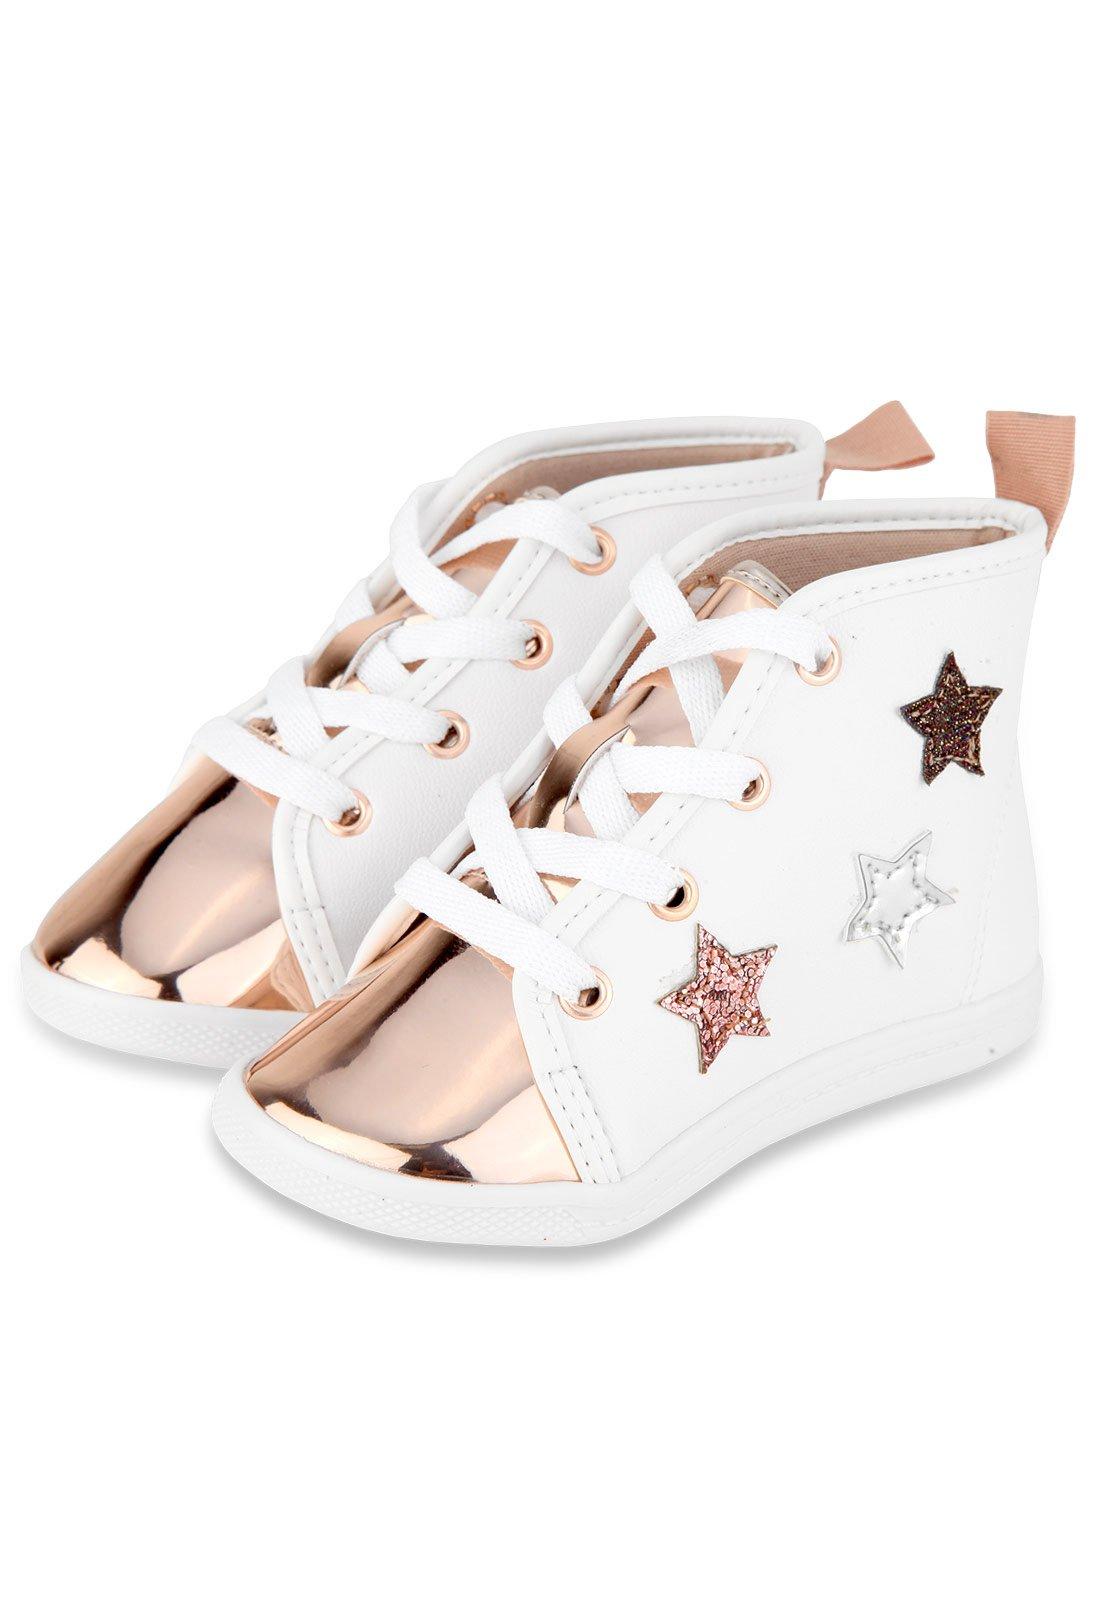 496b060c3b2 Tênis Molekinha Infantil Estrelas Branco Rosê - Compre Agora ...